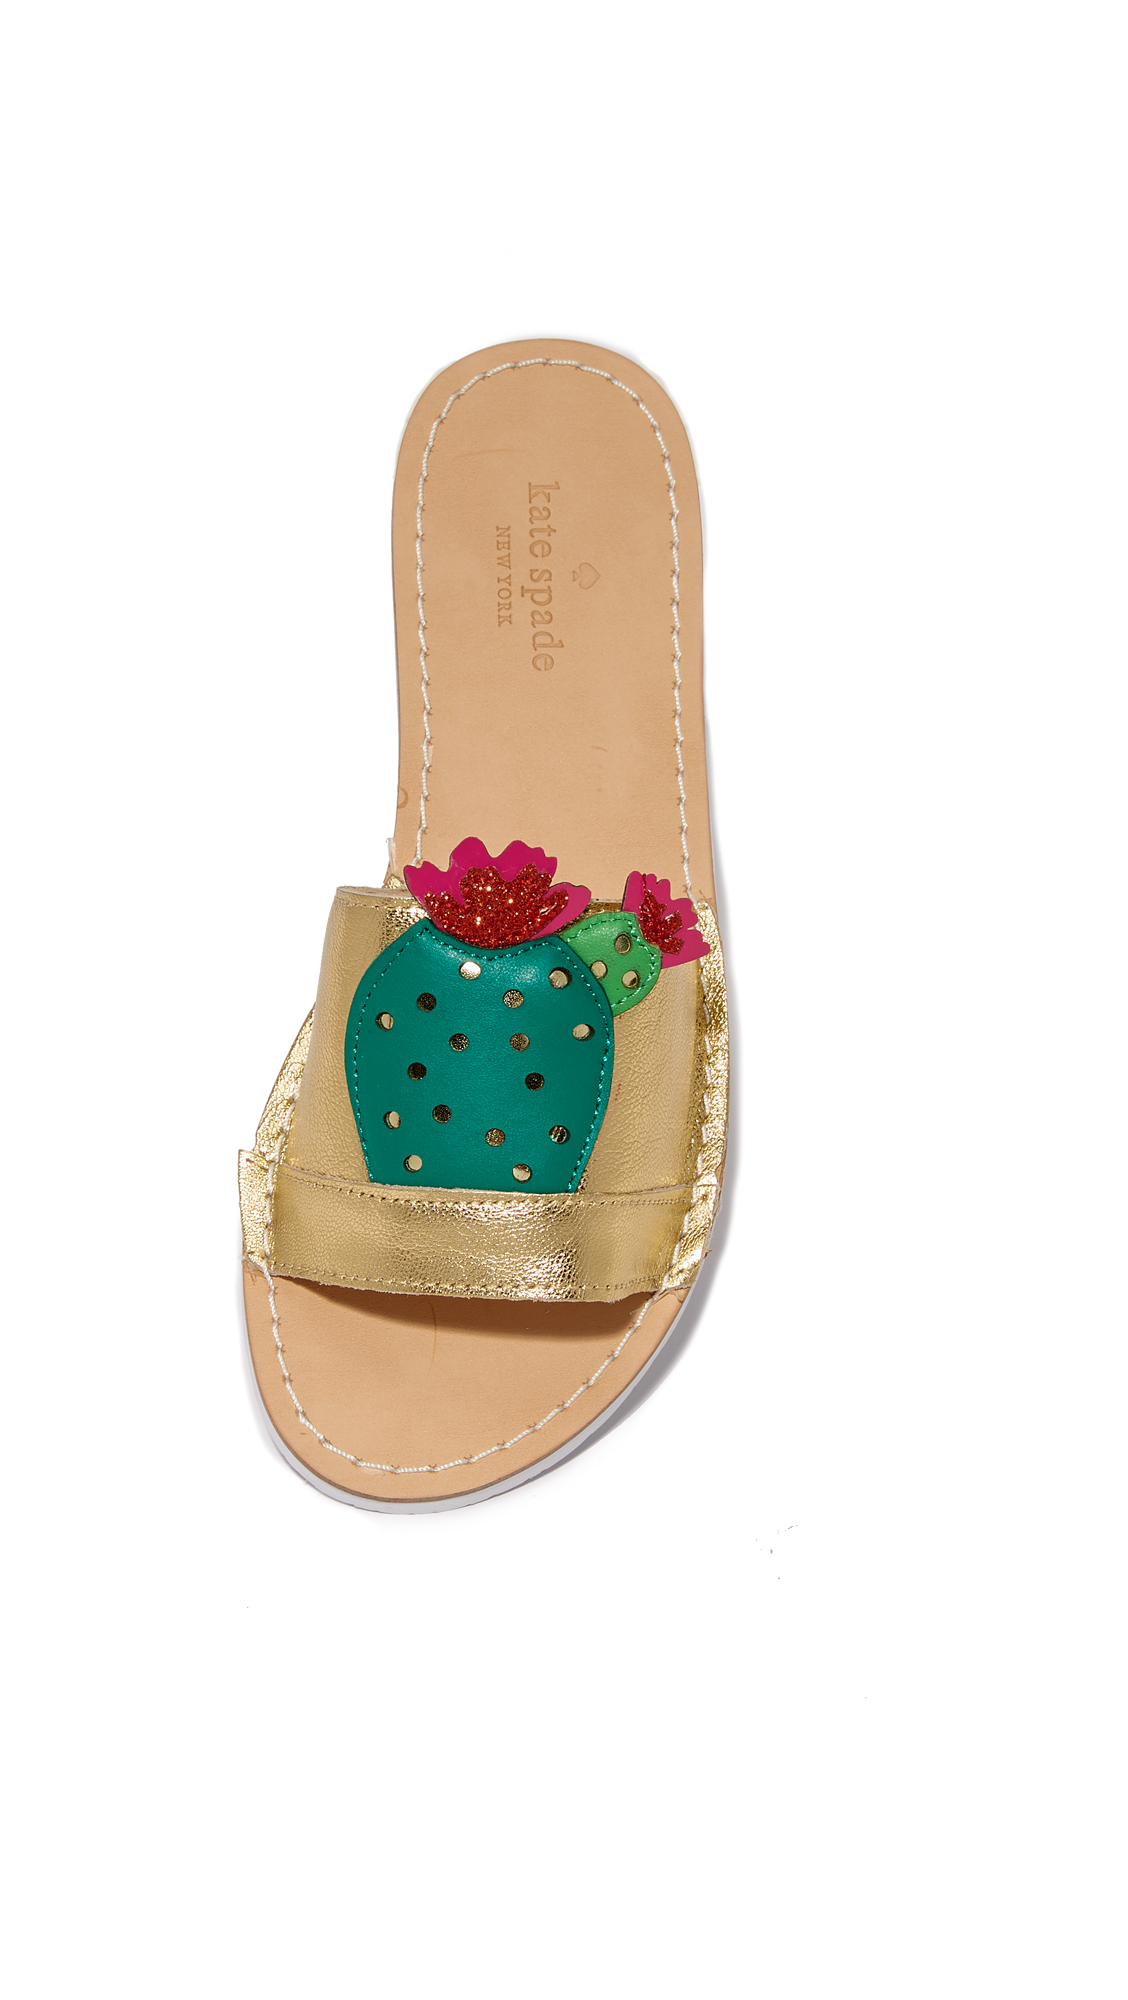 7d7ca1115aa2 Kate Spade New York Iguana Cactus Slides